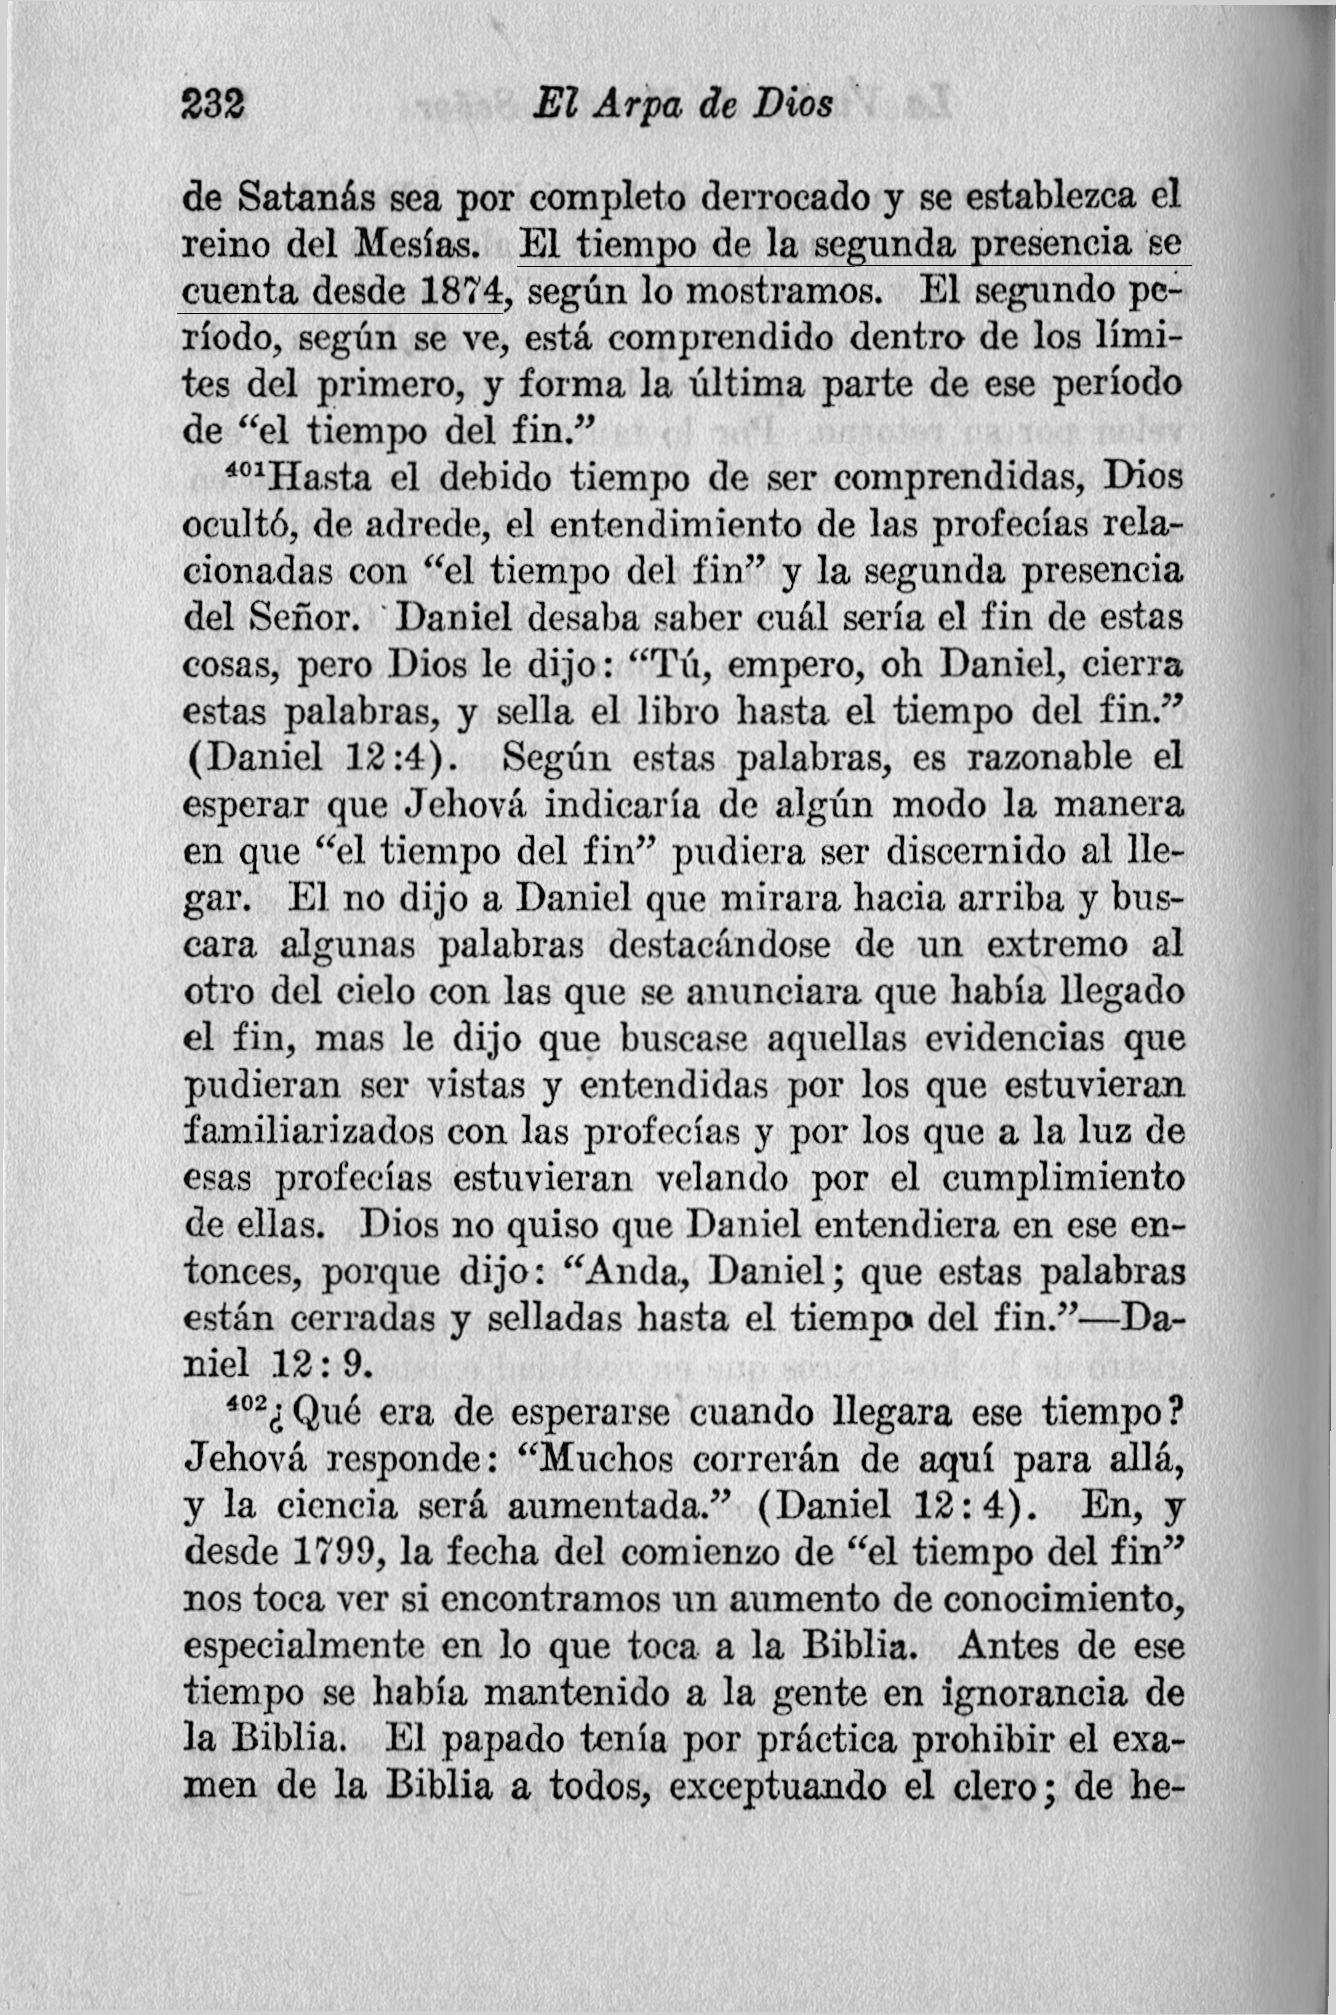 [Imagen: El_Arpa_de_Dios_1874_P_gina_2.png]